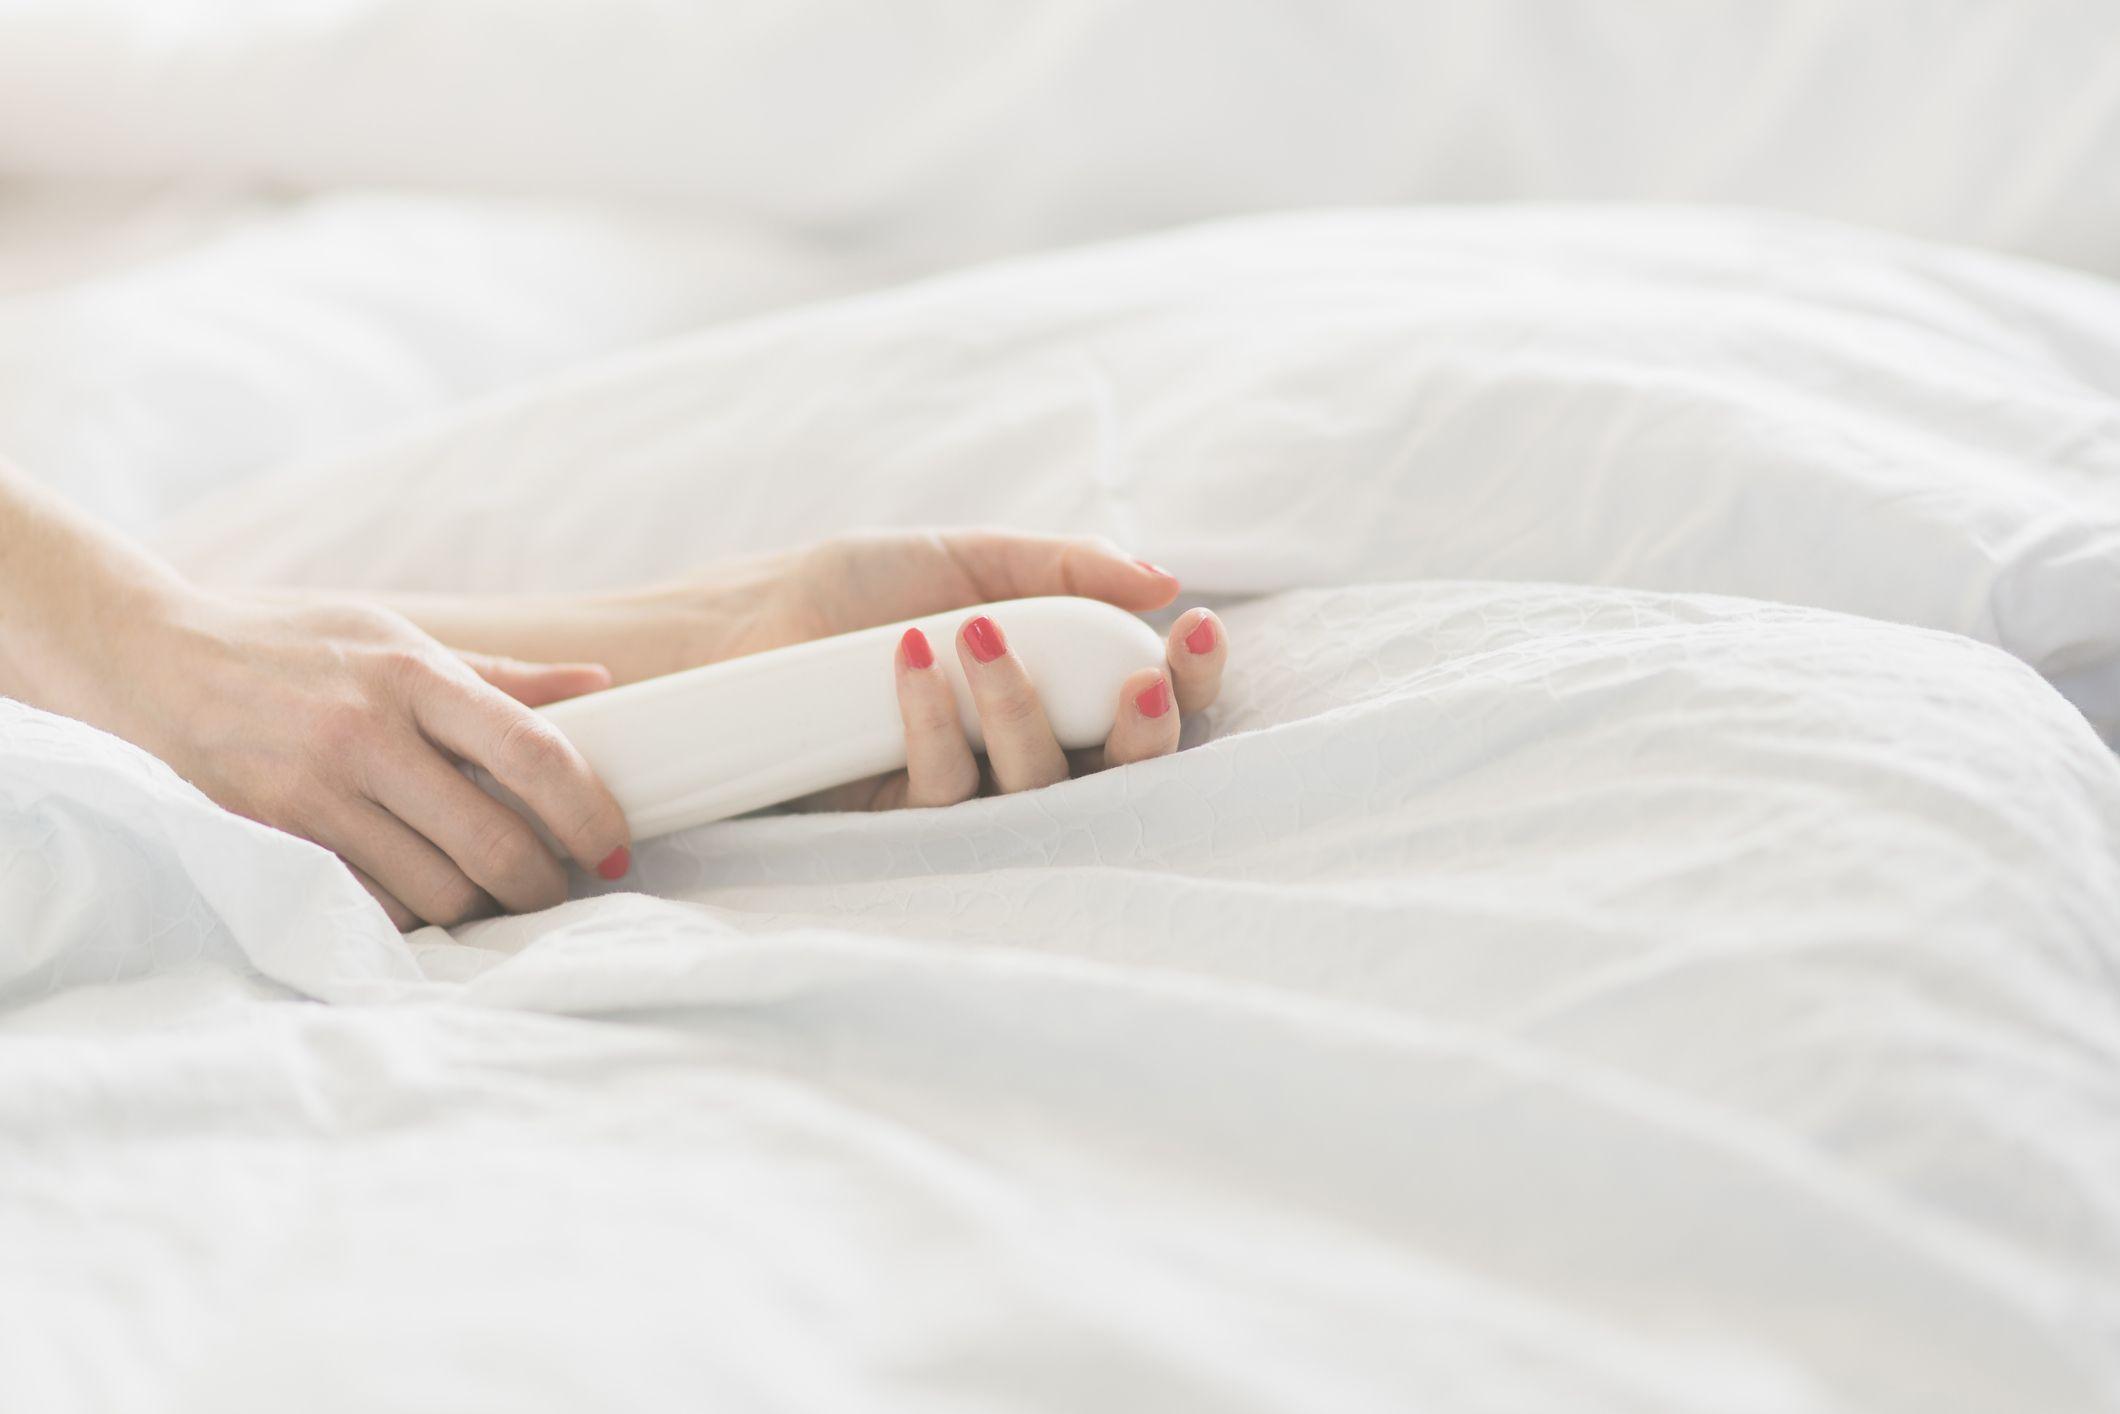 locanto contactos orlando fl sexo libre